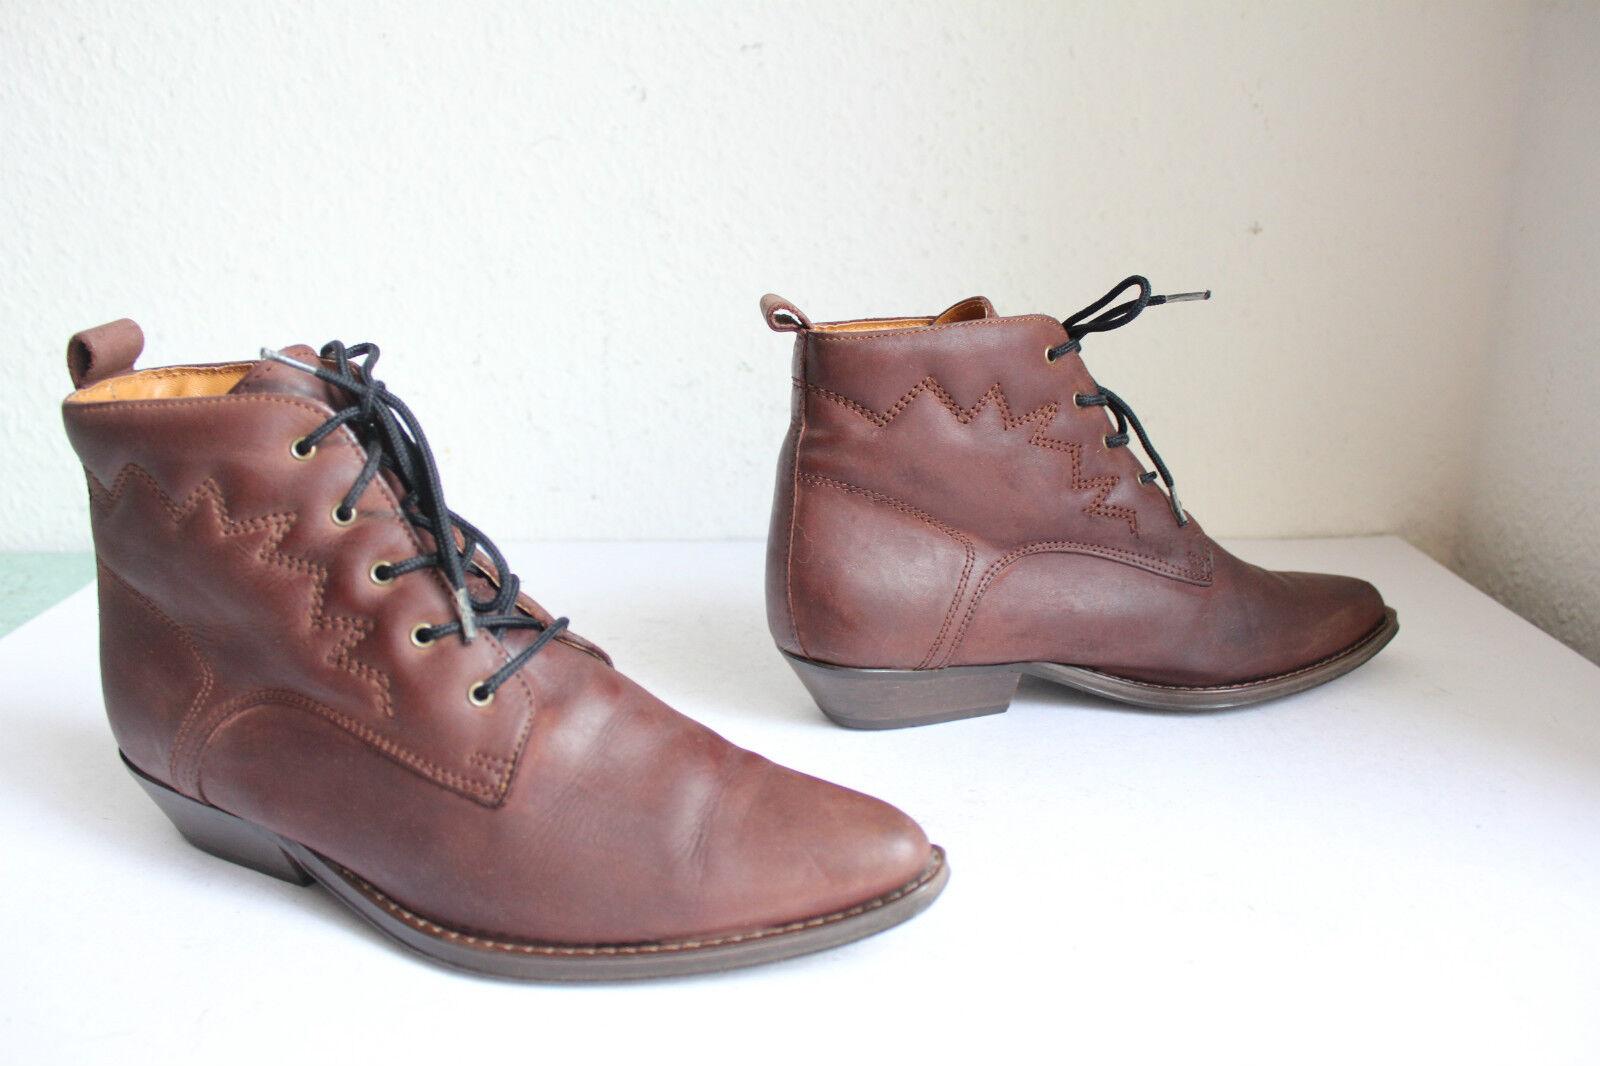 Vintage Élégant Style Western bottes schnürbottesetten Véritable Cuir marron eu 39